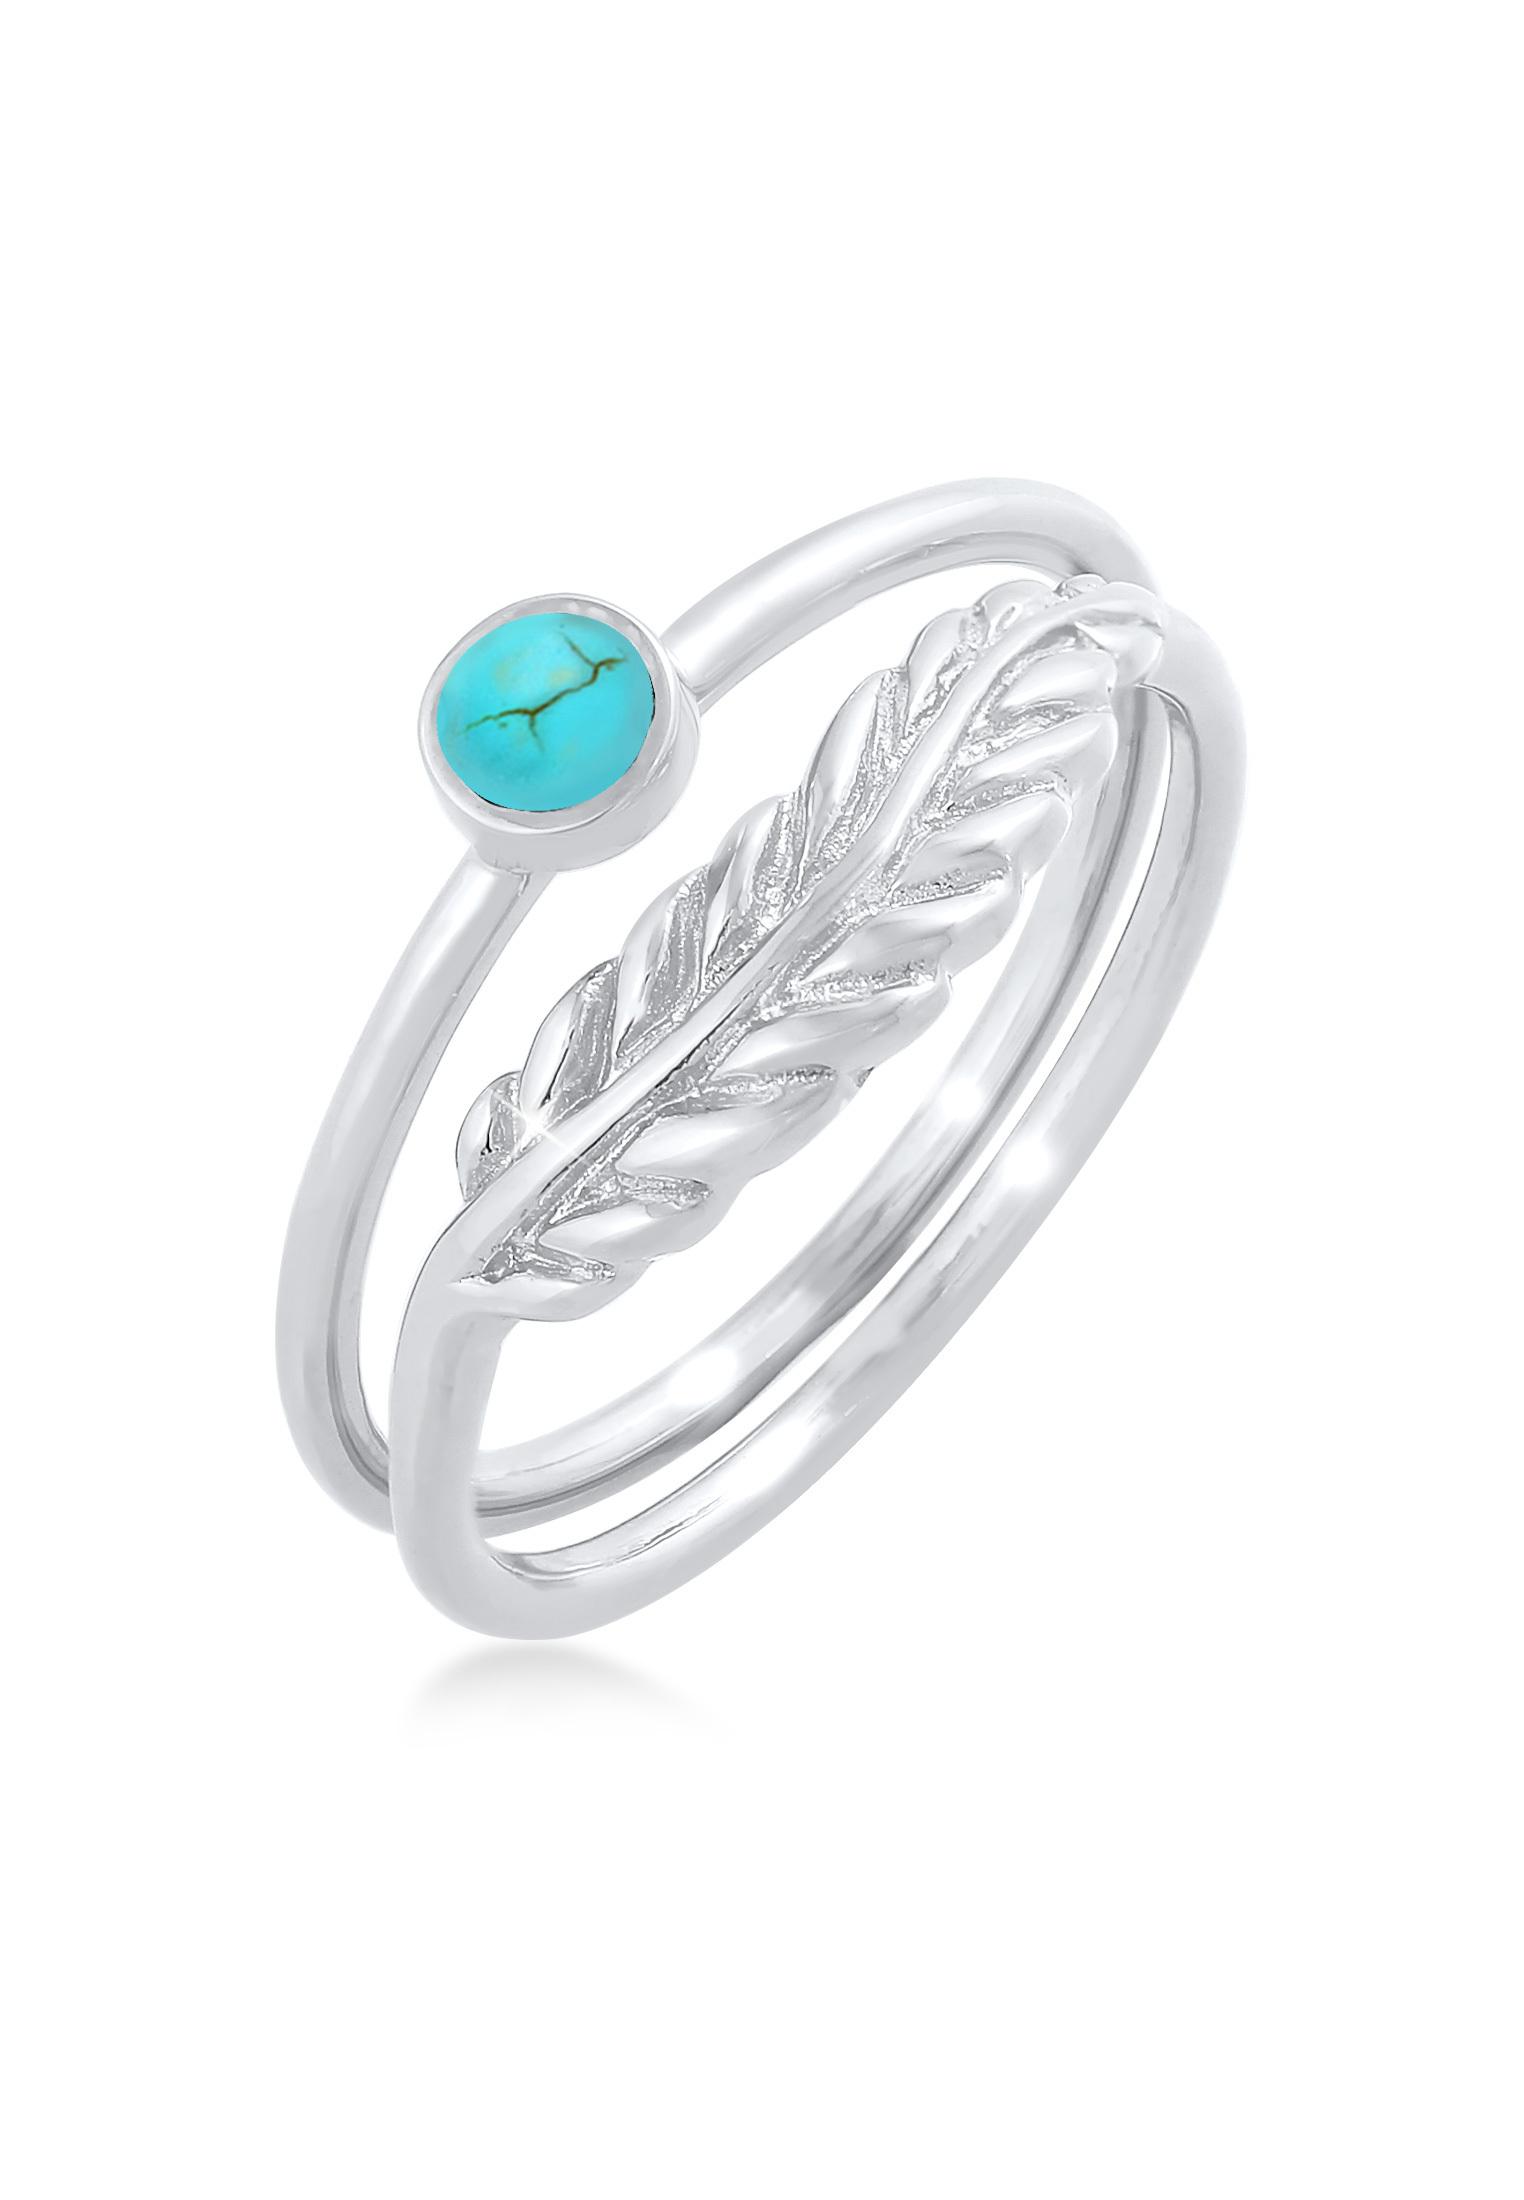 Ringset | Howlith ( Türkis ) | 925er Sterling Silber